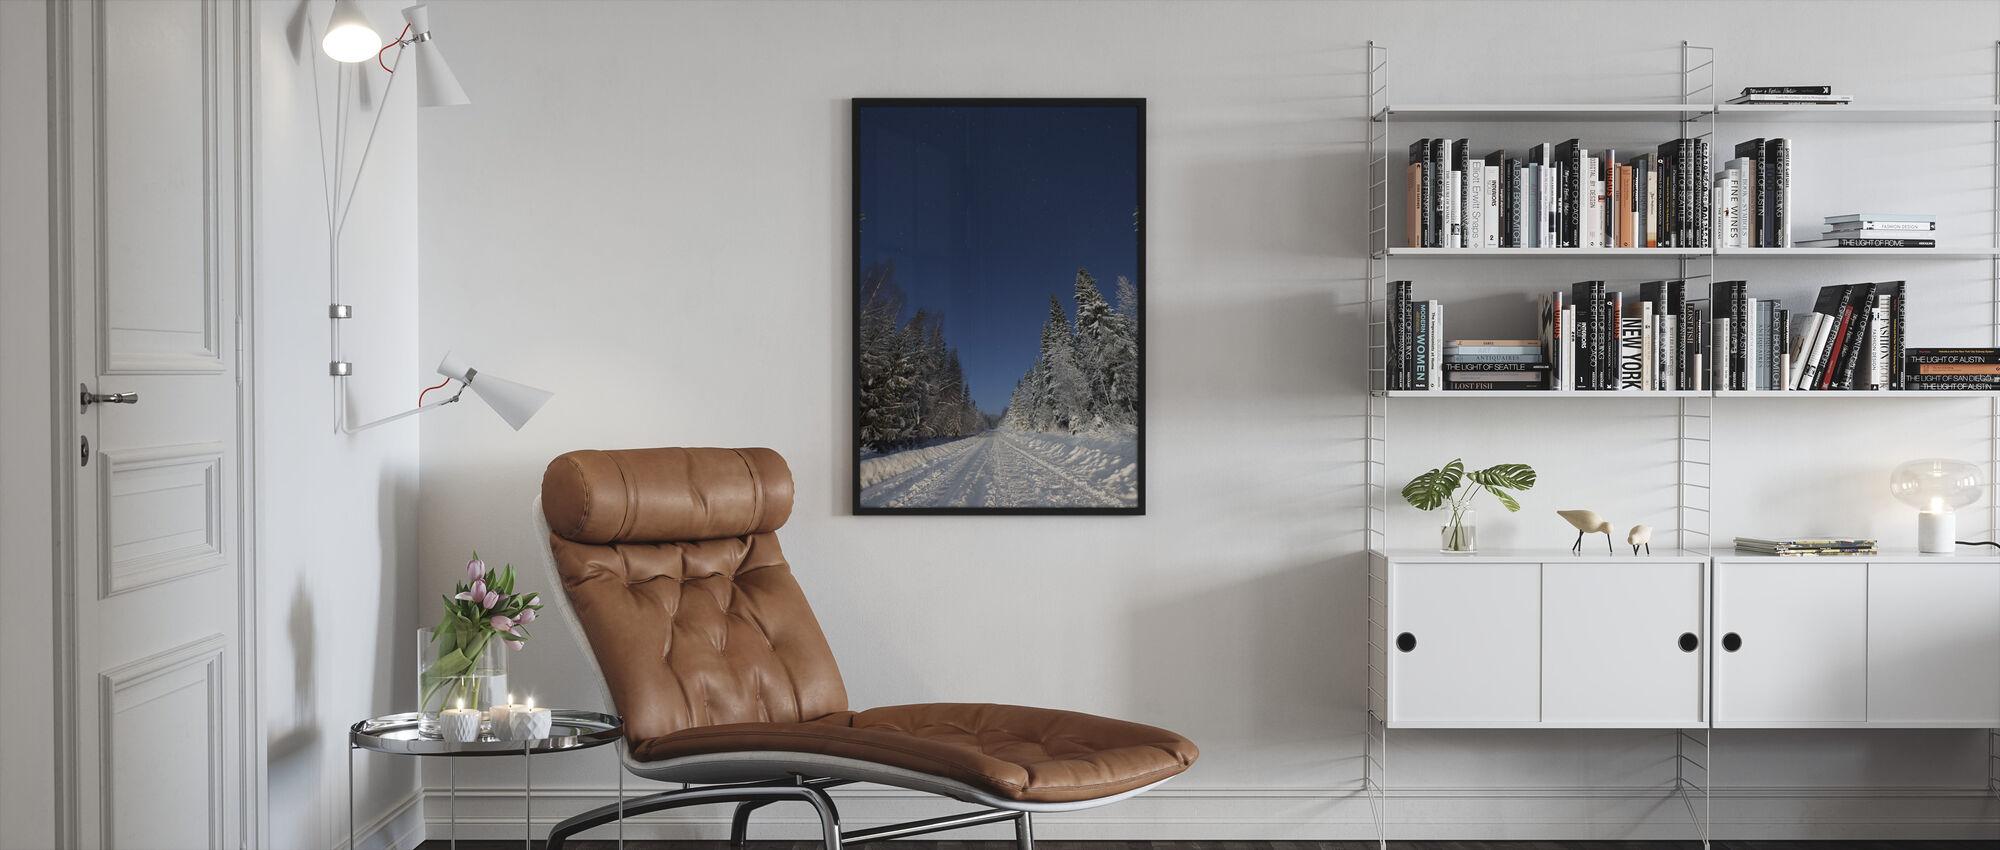 Winter Landscape in Mora, Sweden - Framed print - Living Room